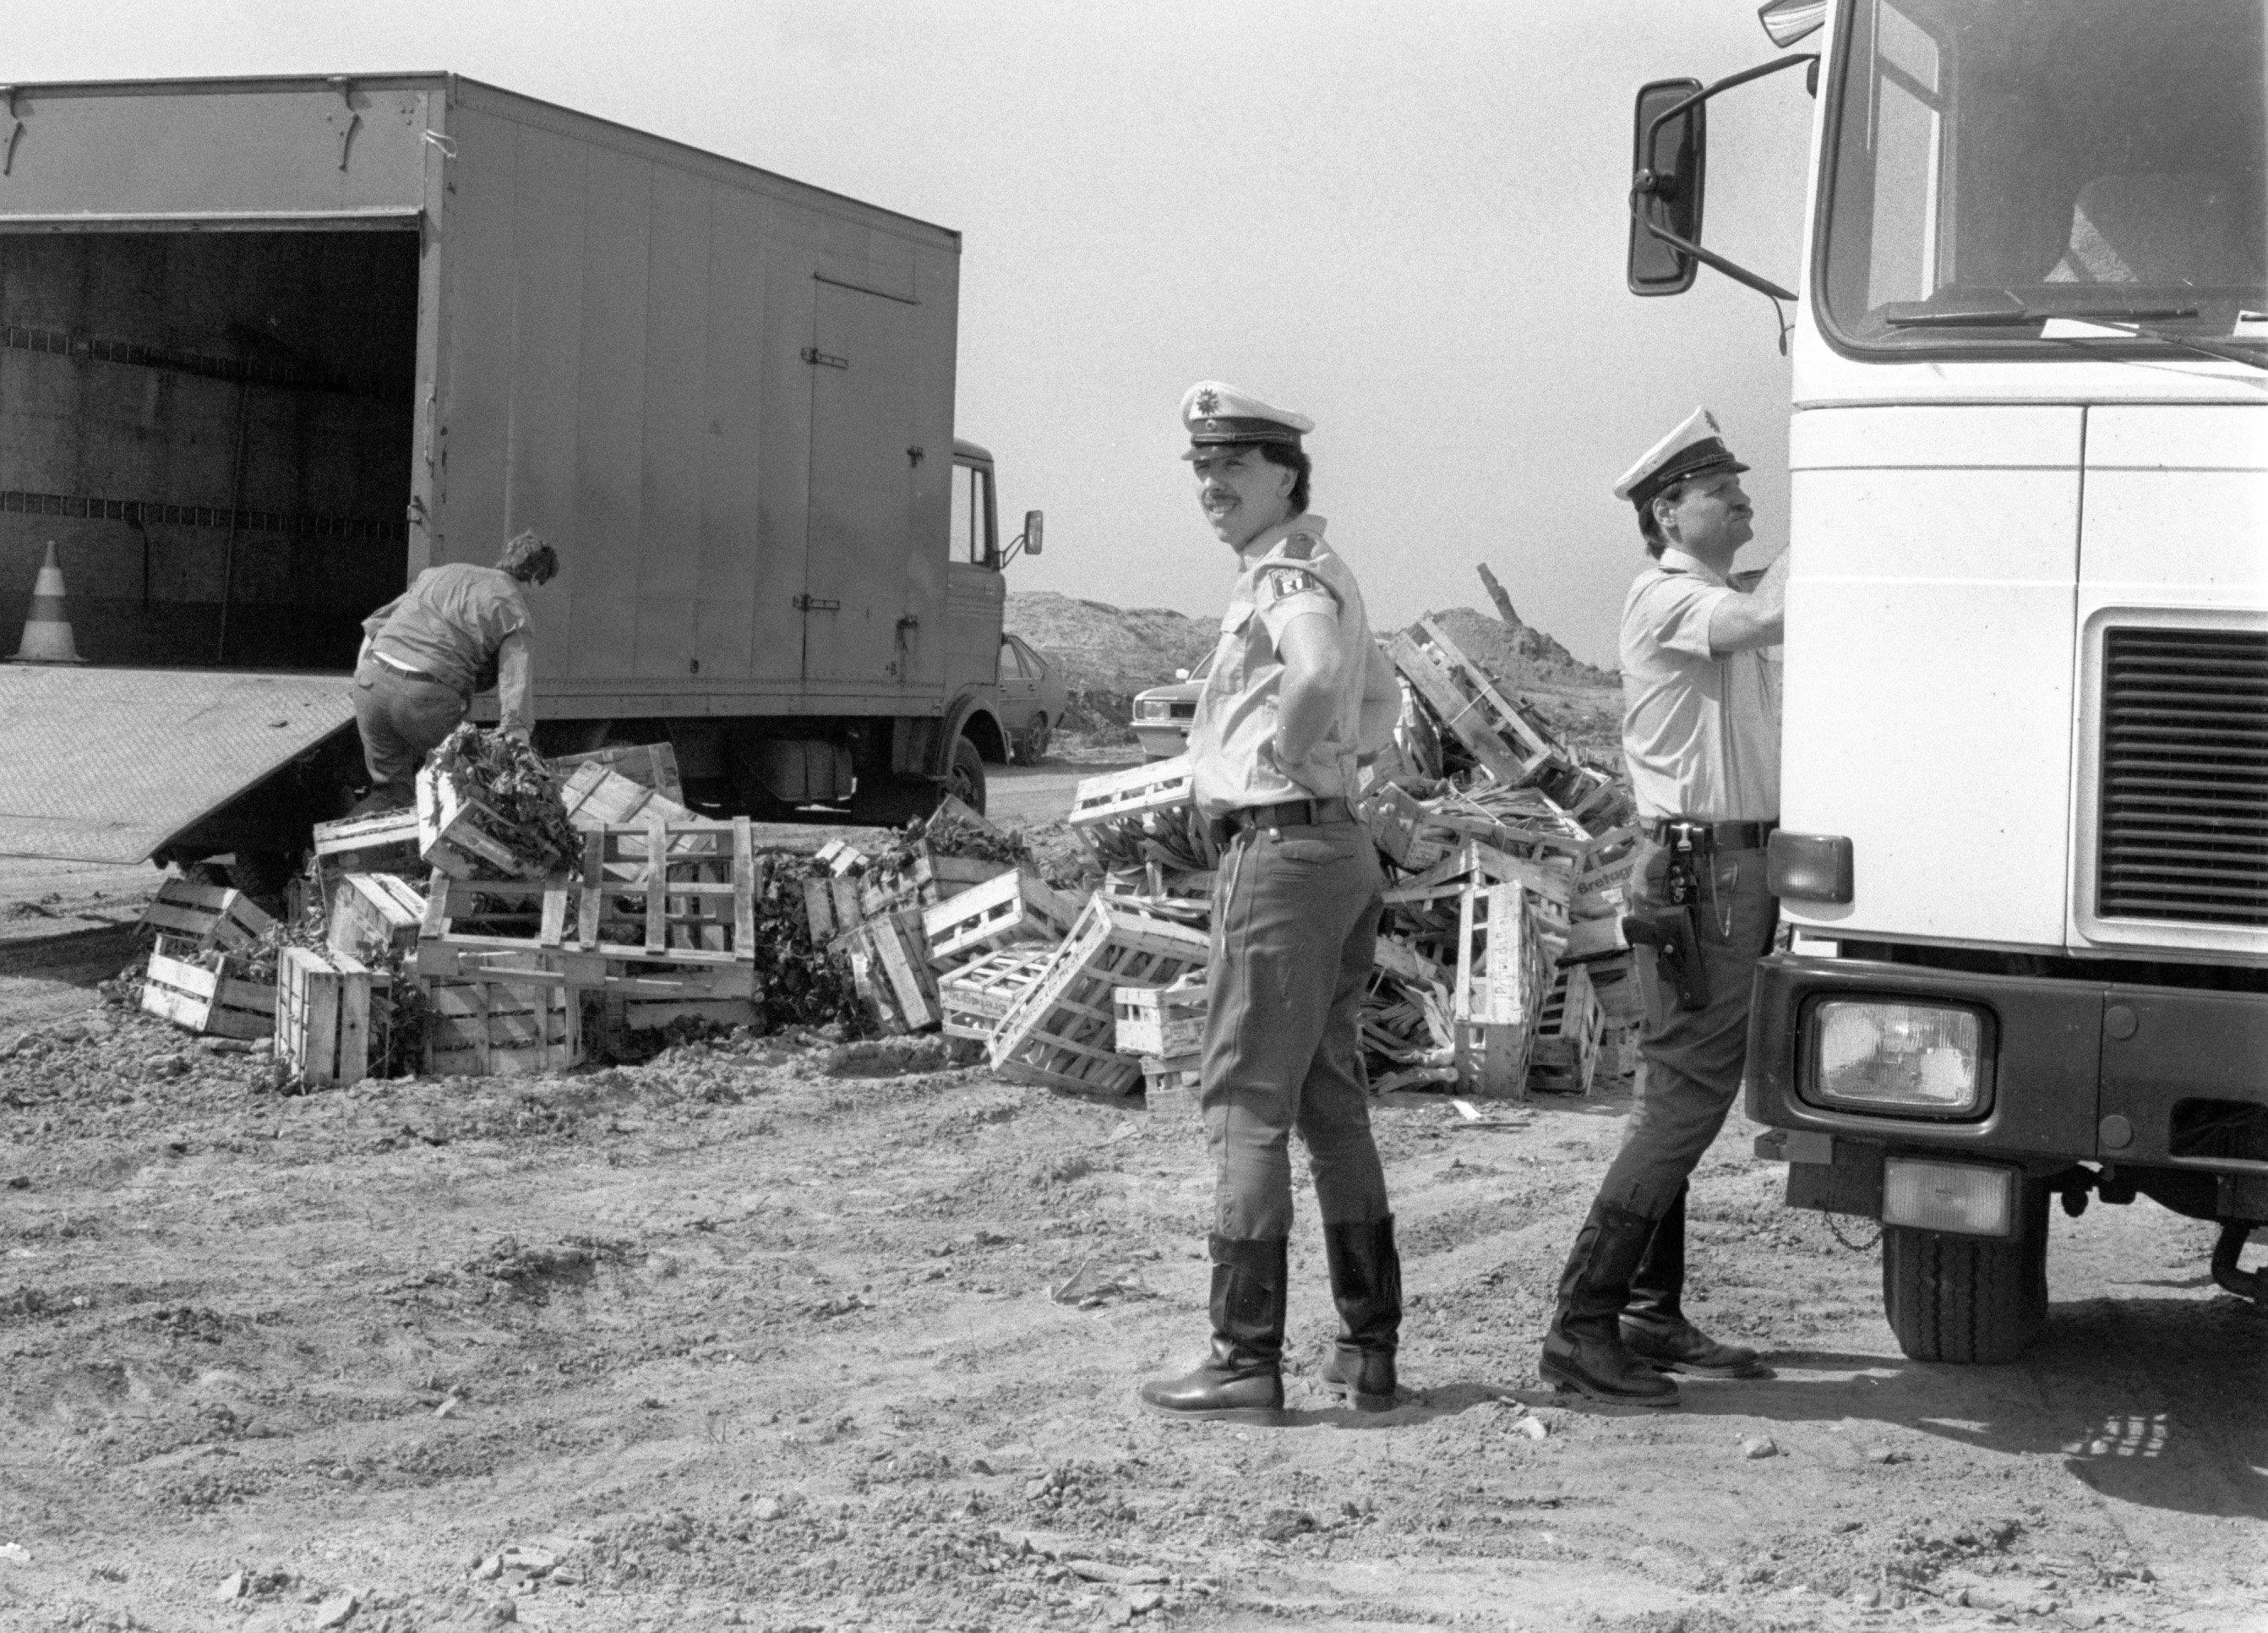 Unter Polizeischutz wird beschlagnahmtes, strahlenbelastetes Gemüse zur Vernichtung auf der Mülldeponie Wannsee abgeladen (Archivfoto vom 06.05.1986). Die durch den Reaktorunfall in Tschernobyl abgegebene Radioaktivität hatte damals in weiten Teilen Europas zu erhöhter Strahlenbelastung bei landwirtschaftlichen Freilandprodukten geführt.